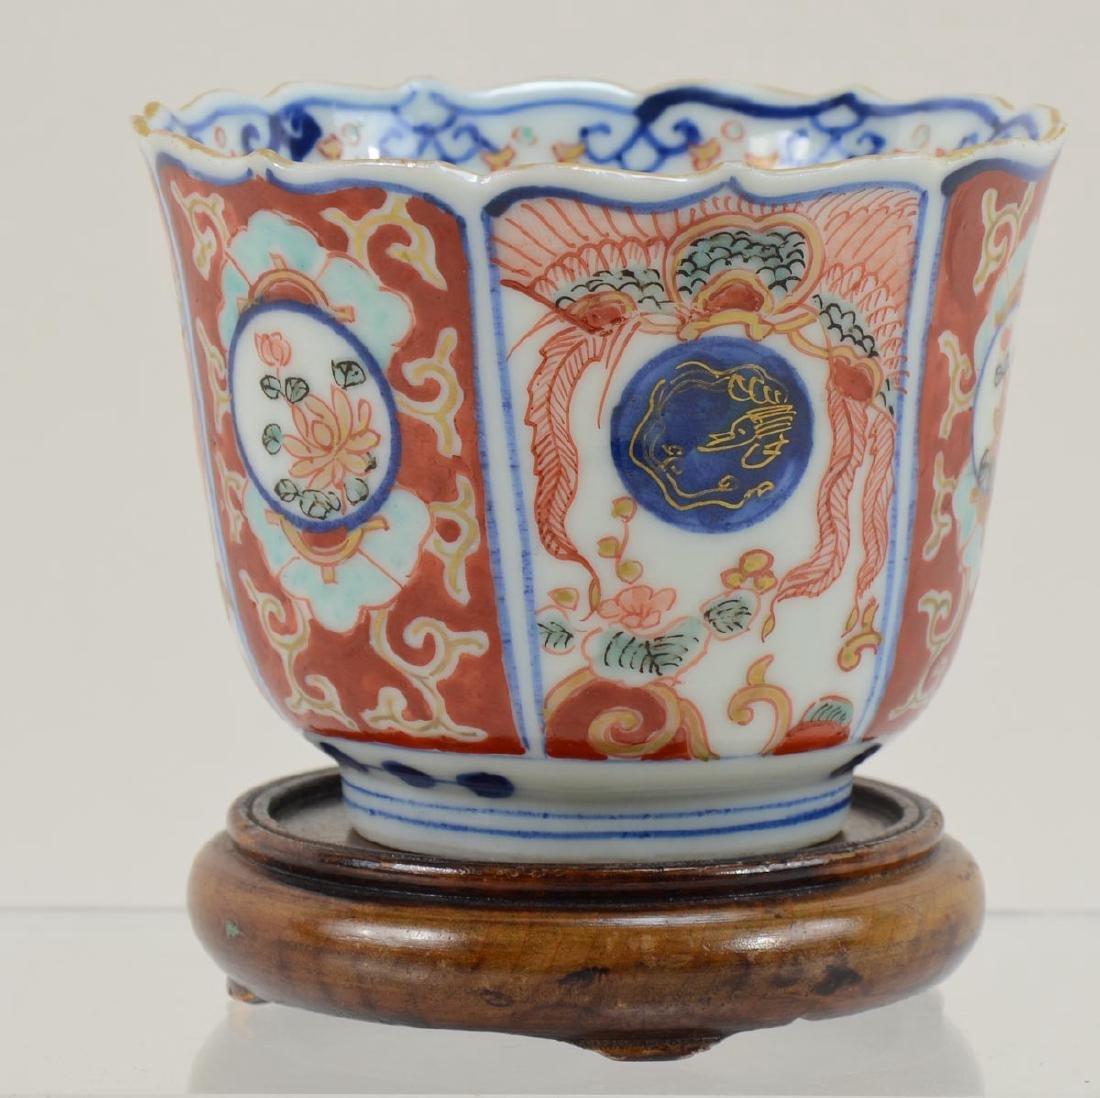 Antique Imari Porcelain cup